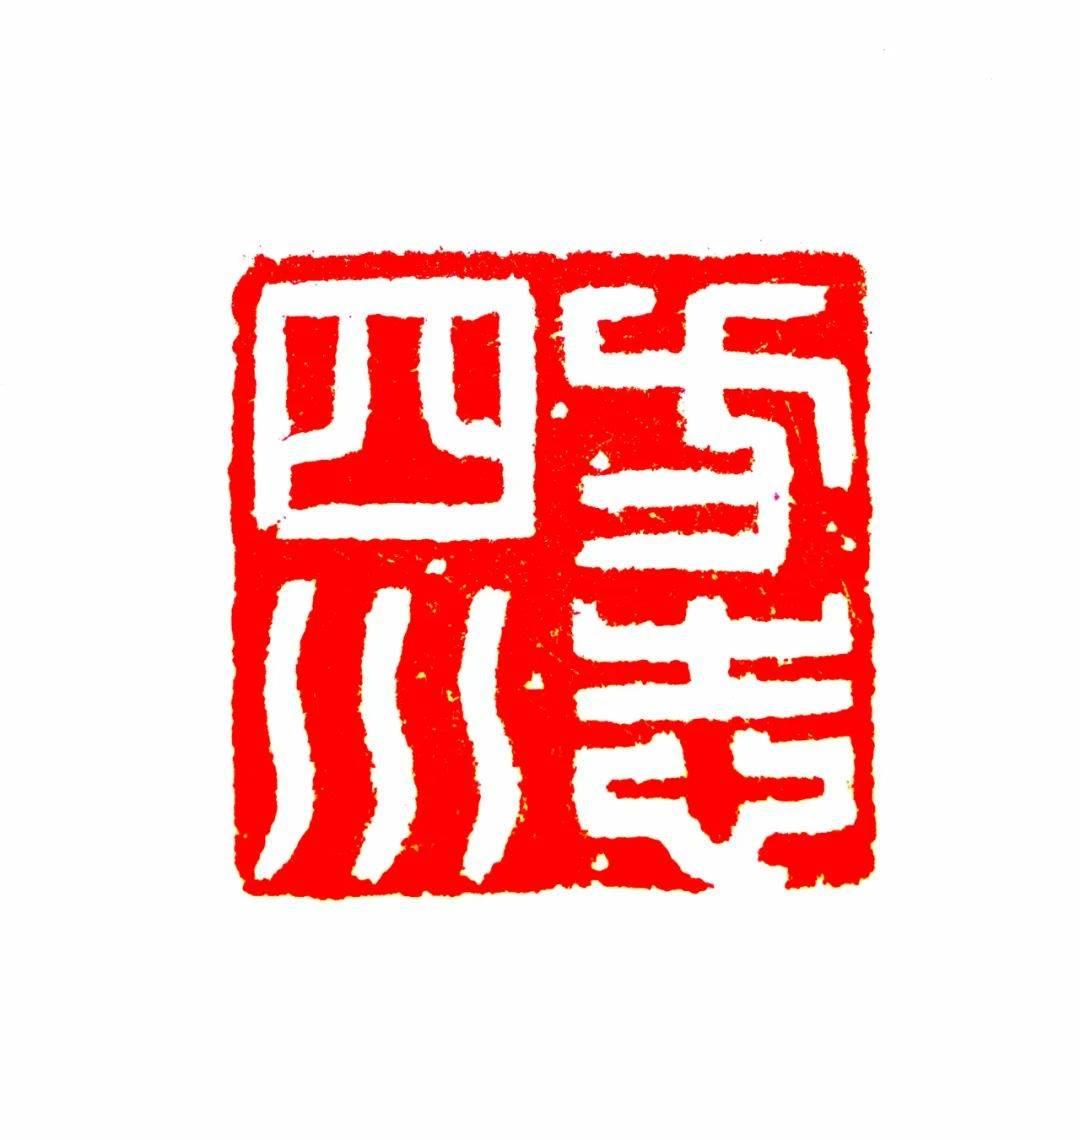 【方志四川•温暖的回响——脱贫攻坚四川故事汇】王发祯 ‖ 扶贫路上贴心人